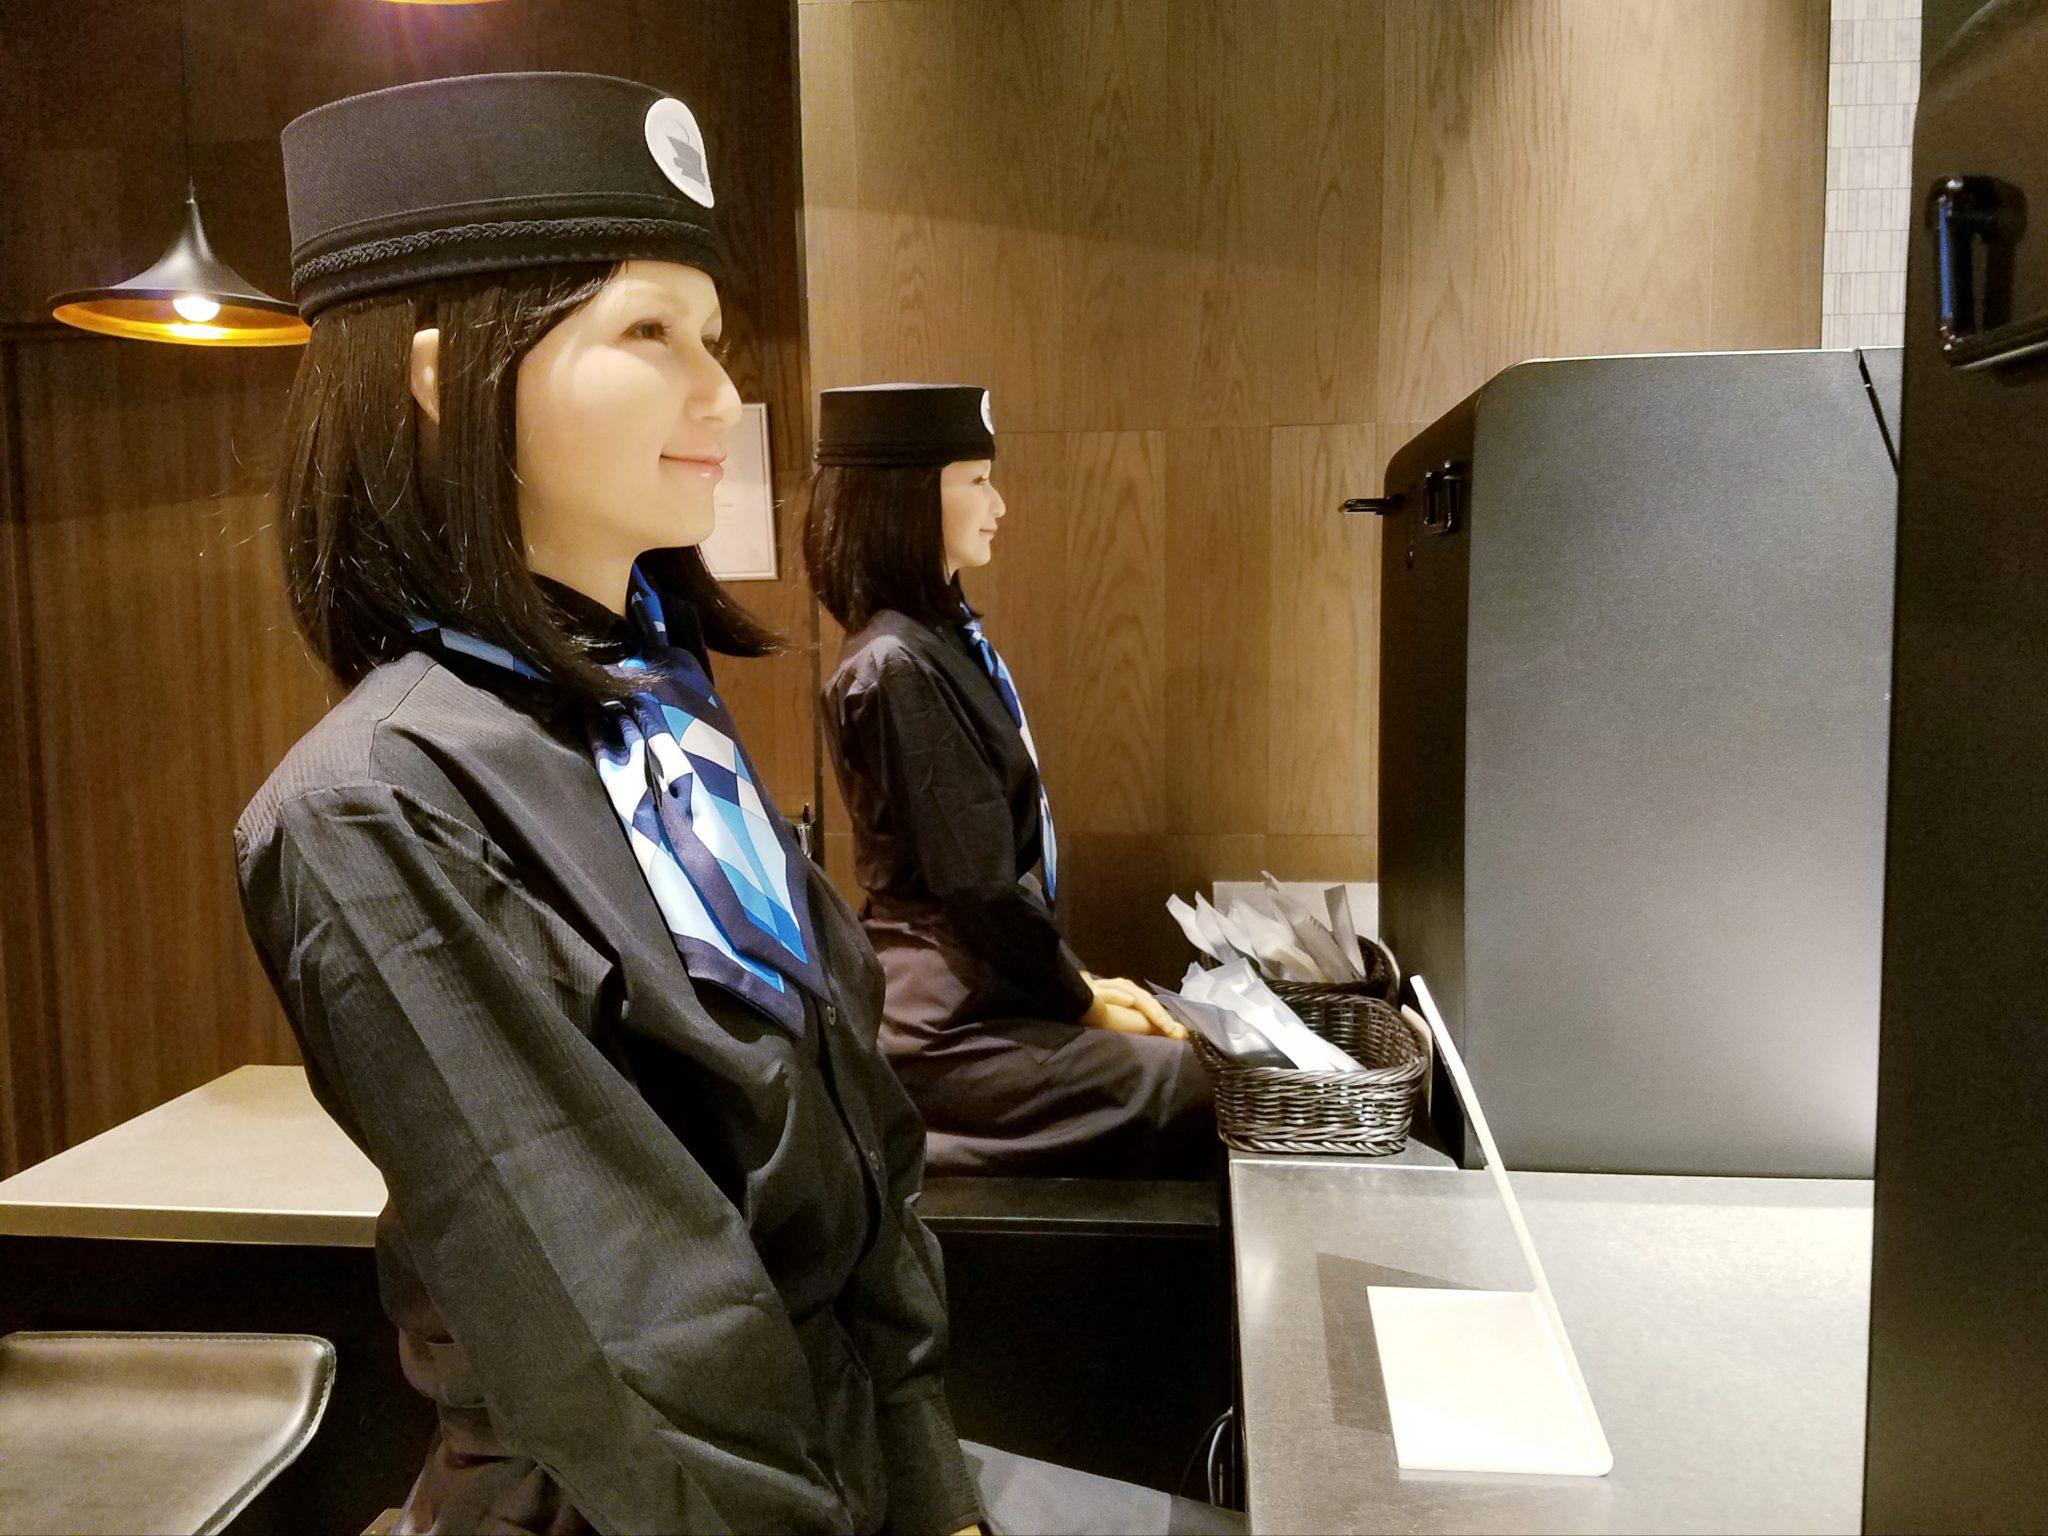 Henn-na Hotel Ginza receptionists